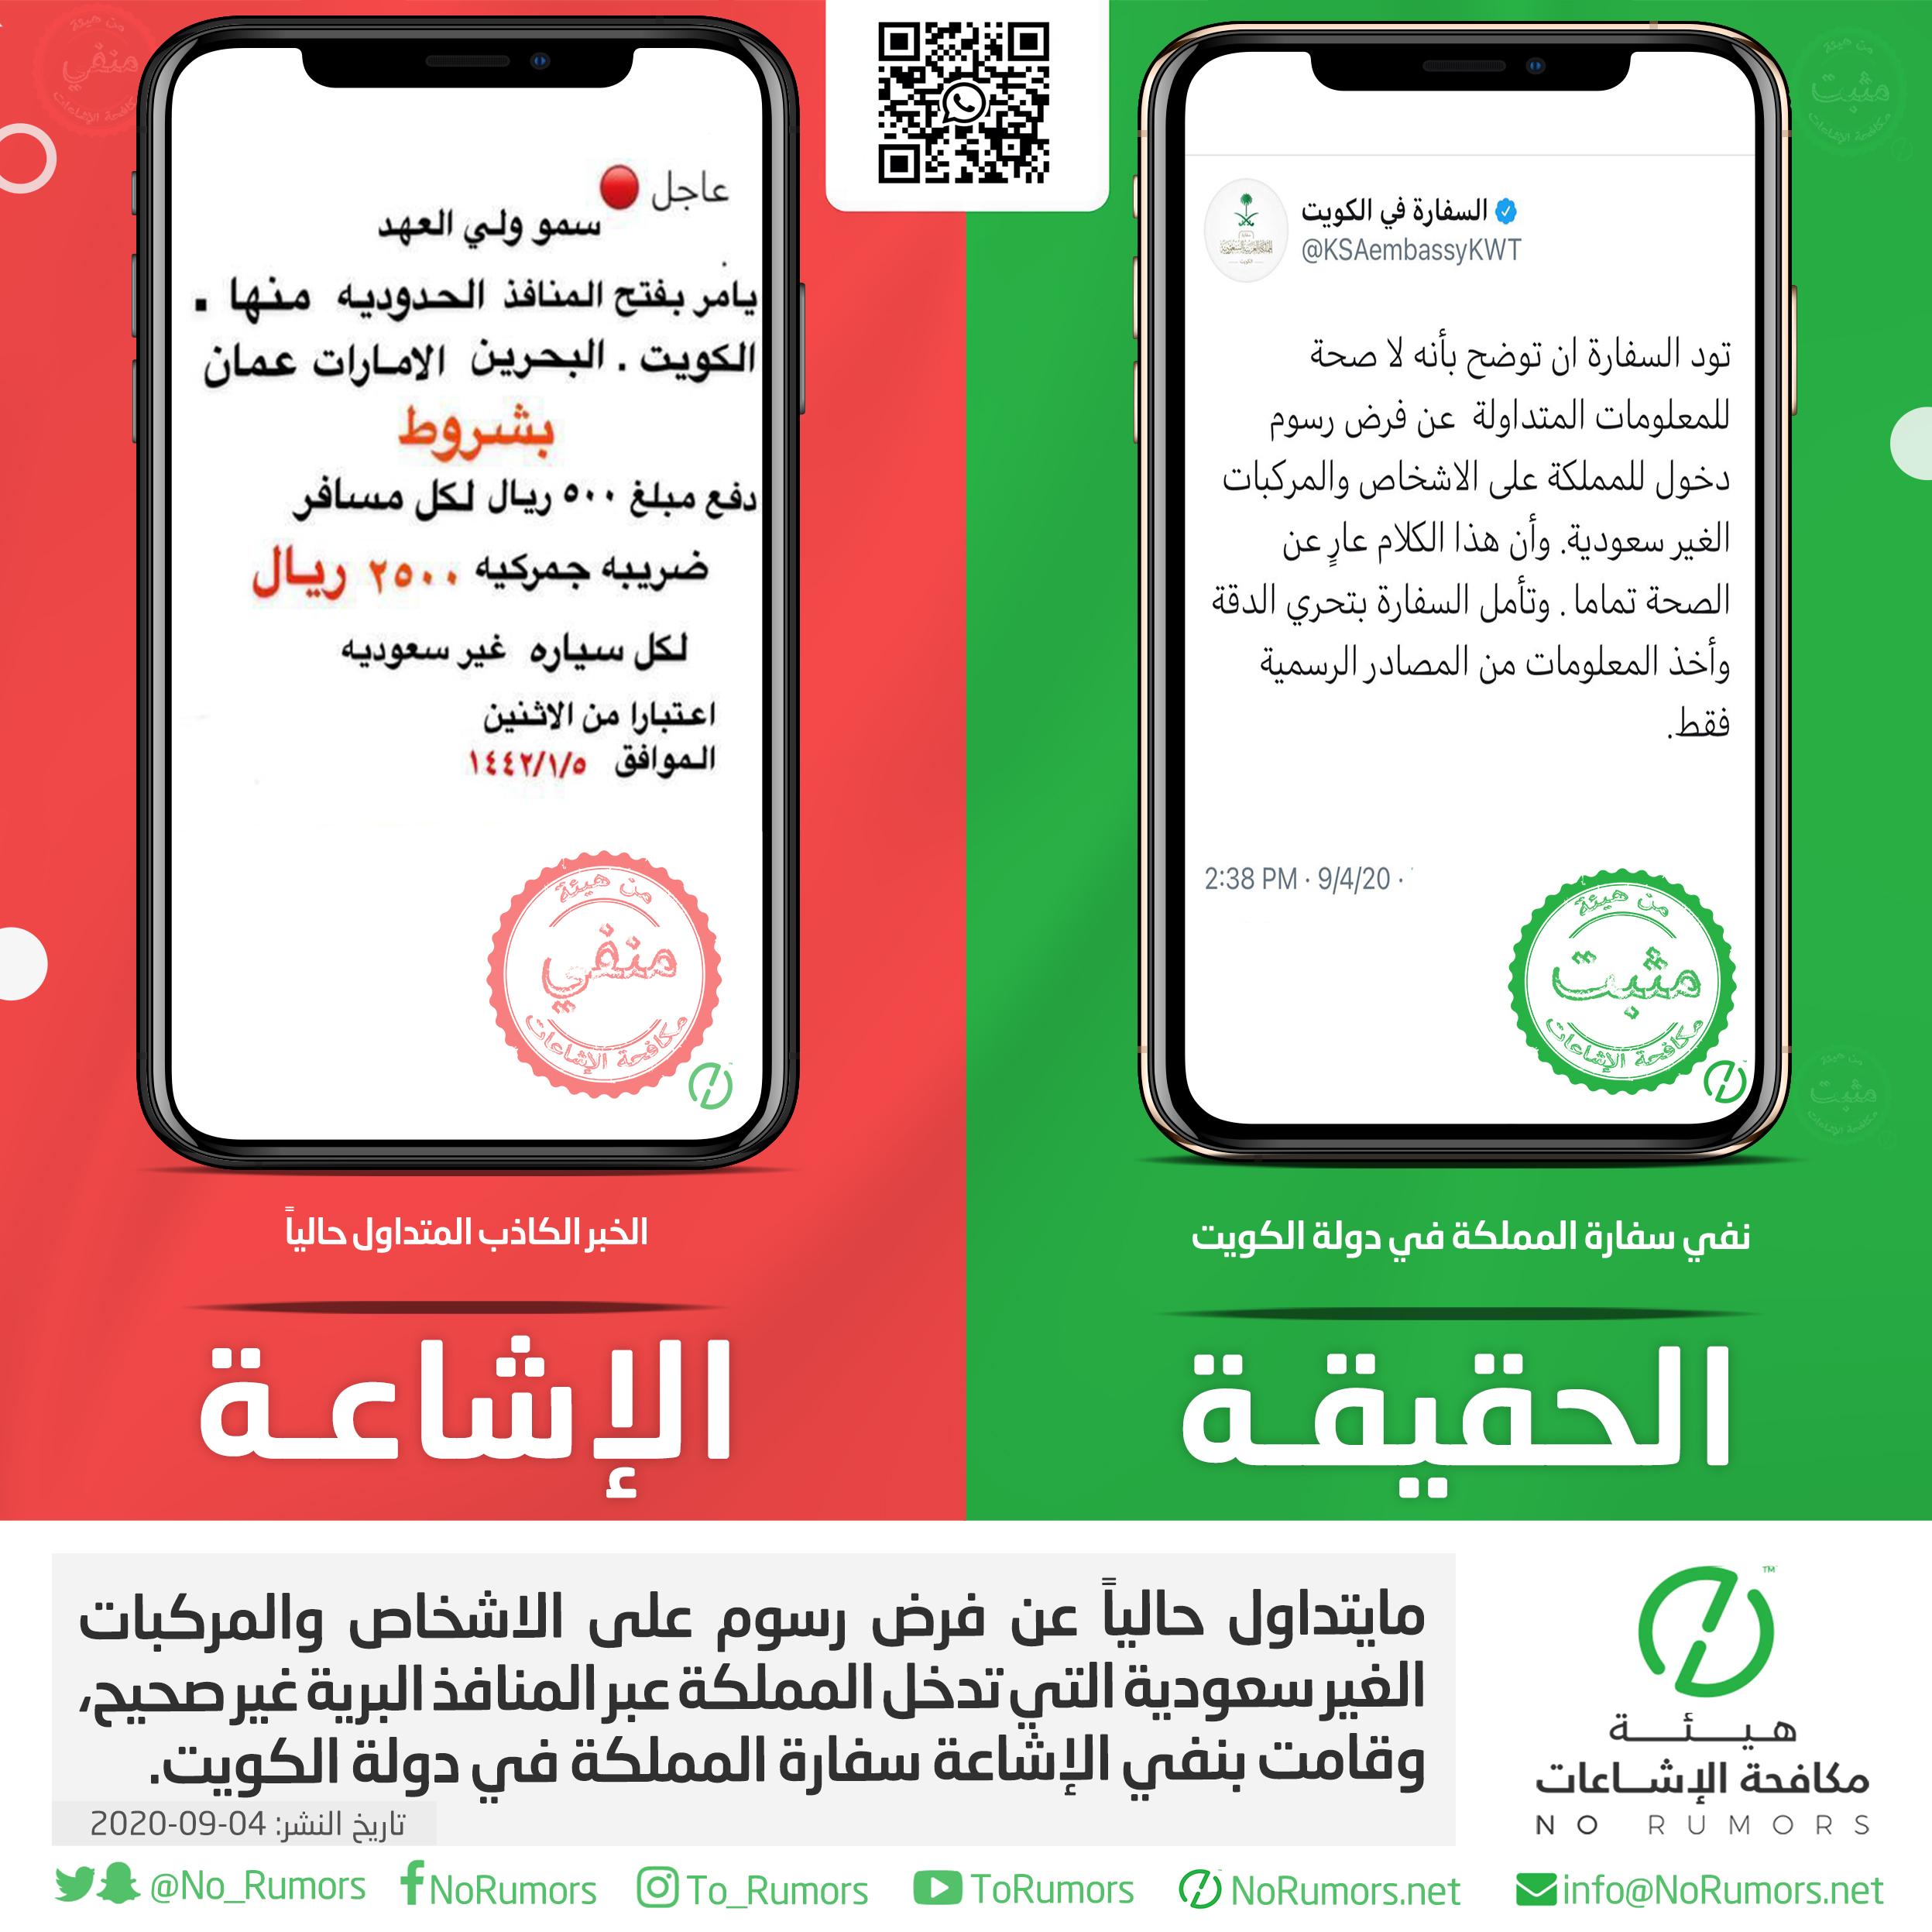 حقيقه مايتداول حالياً عن فرض رسوم على الاشخاص والمركبات الغير سعودية التي تدخل المملكة عبر المنافذ البرية